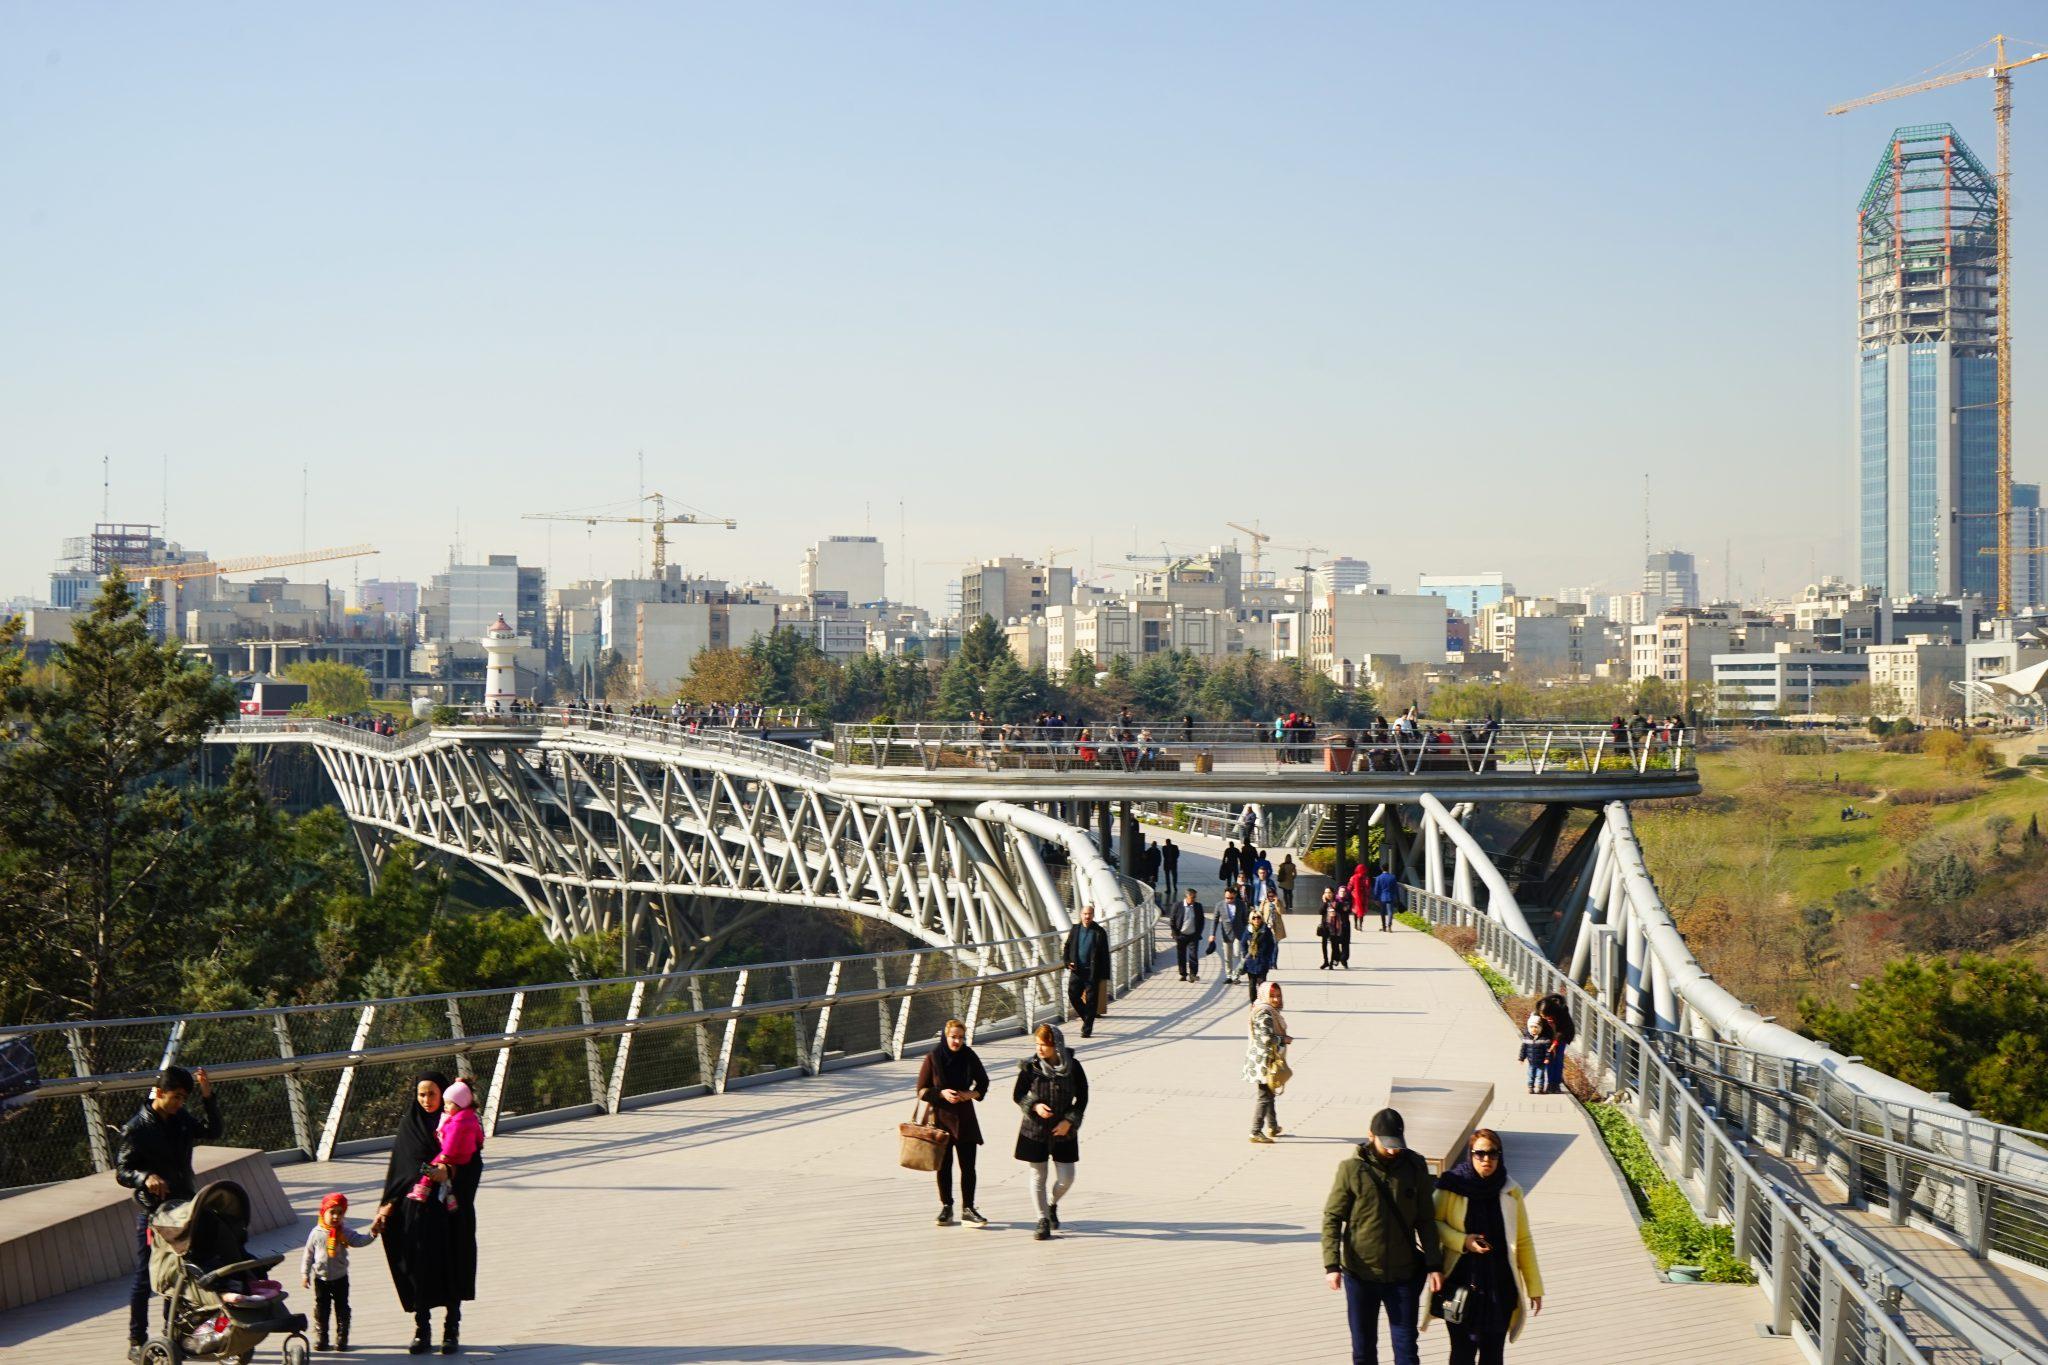 Что посмотреть в Тегеране: мост Табиат. Еще больше про Иран в блоге Bazariran.ru